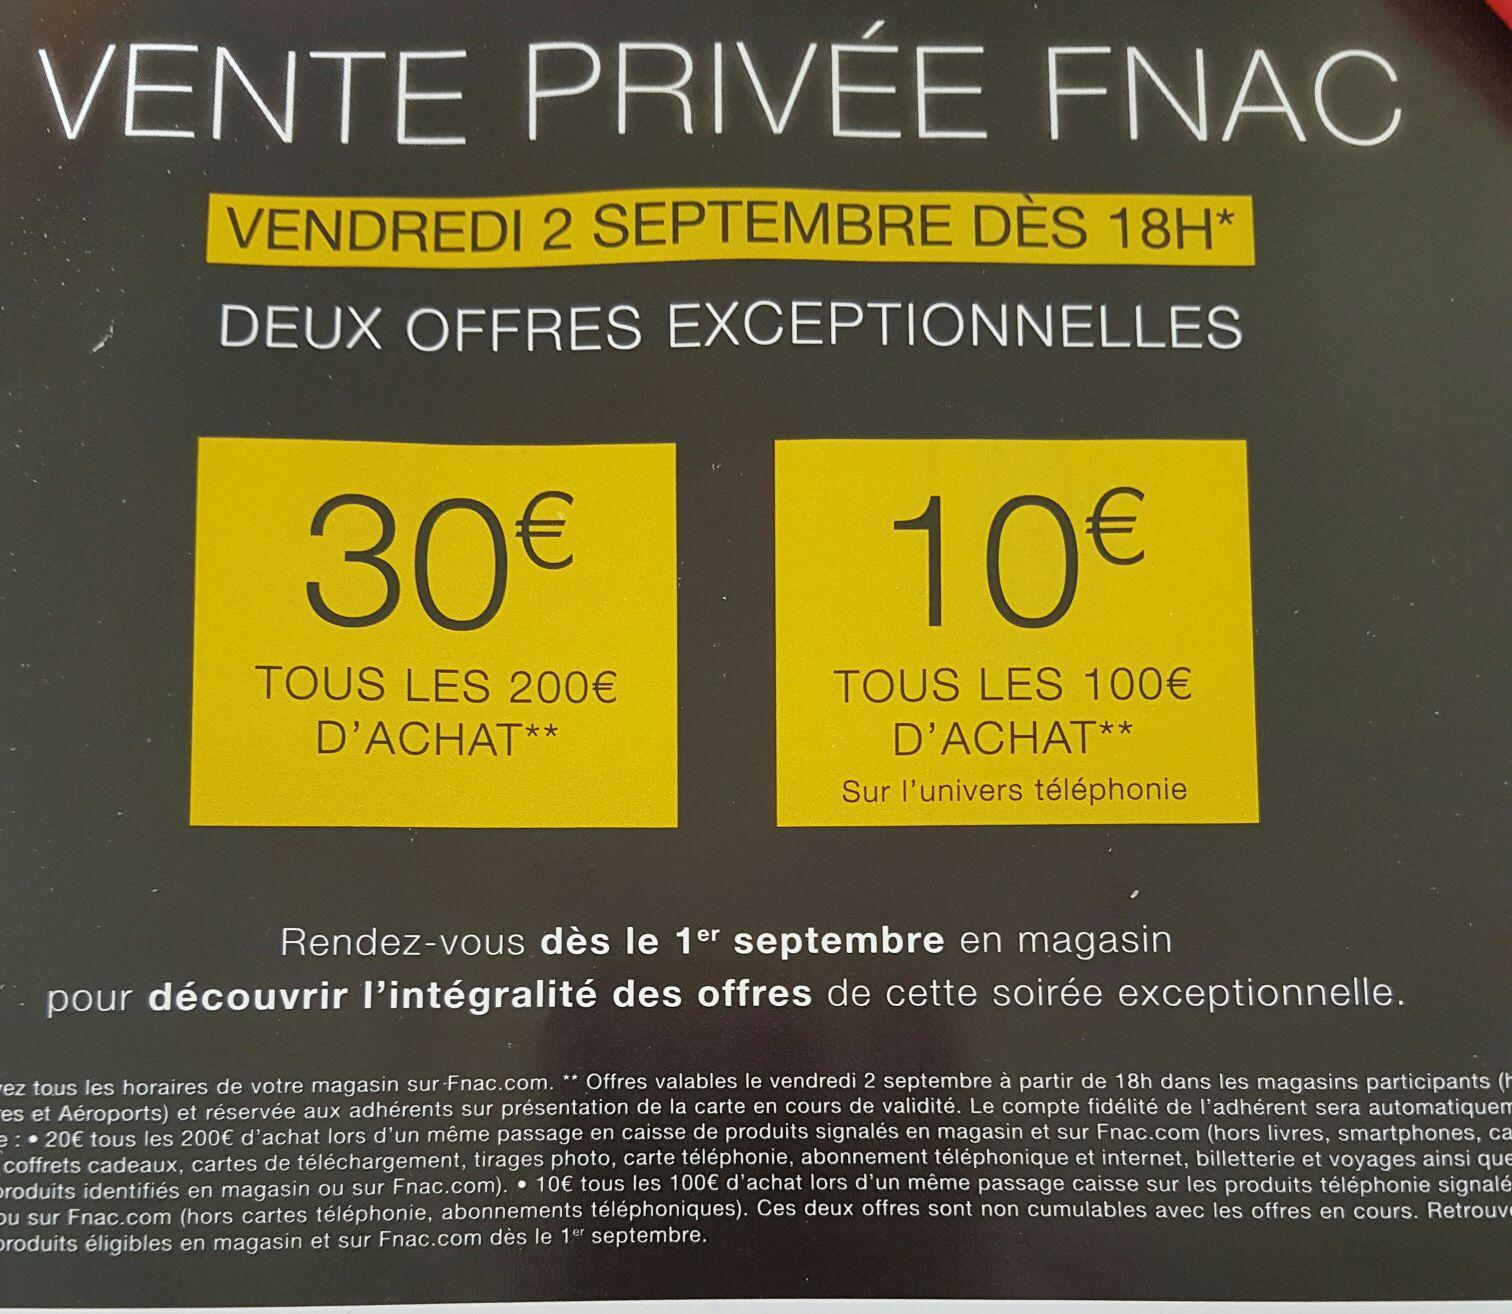 [Adhérents] Dès 18h : 30€ offerts en chèque cadeau par tranche de 200€ ou 10€ par tranche de 100€ sur la téléphonie